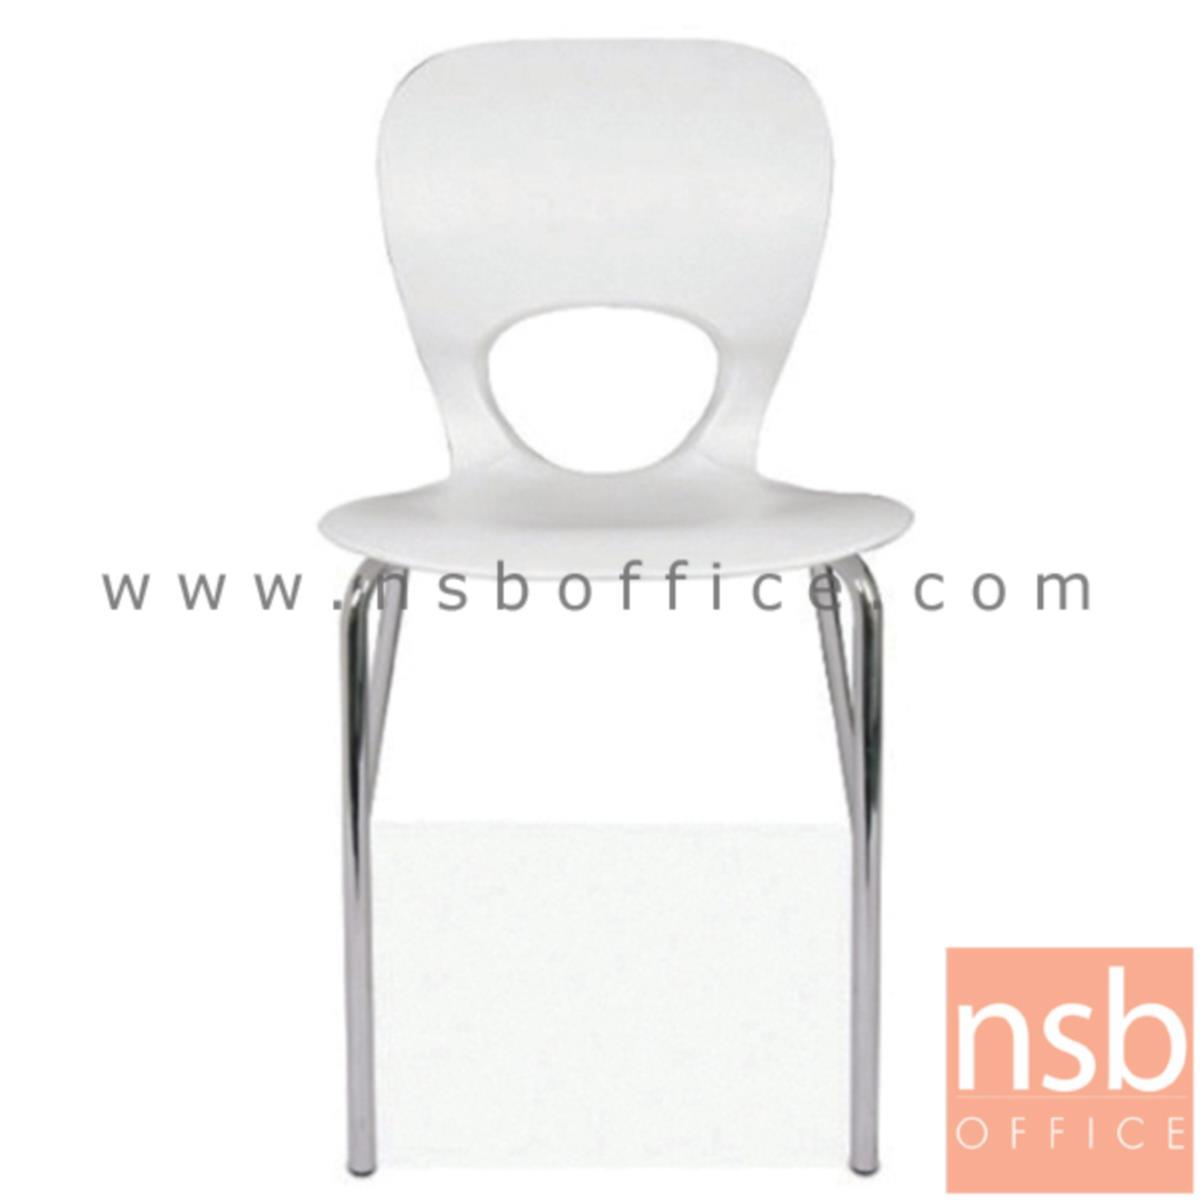 เก้าอี้อเนกประสงค์เฟรมโพลี่ รุ่น TTY-LOVE-40  ขาเหล็กชุบโครเมี่ยม